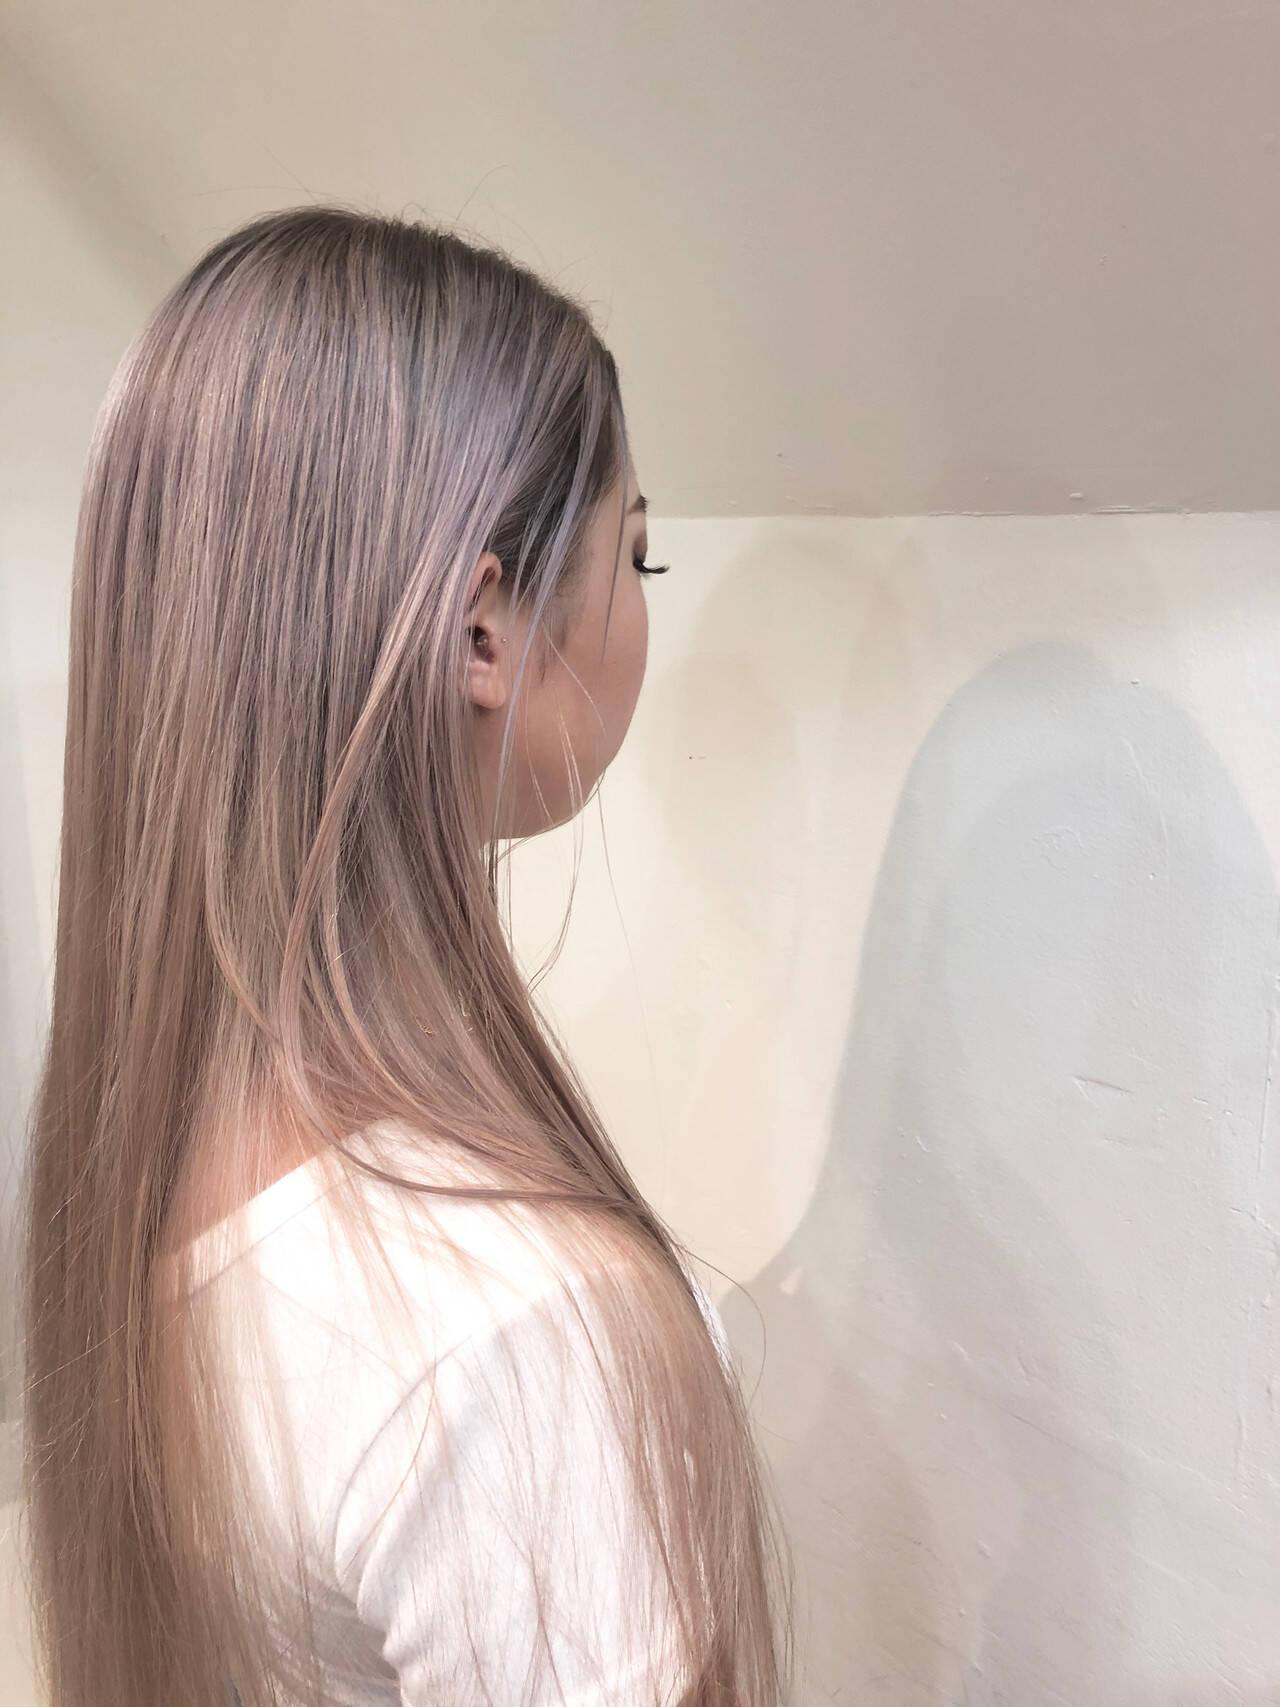 バレイヤージュ ナチュラル ロング ハイトーンカラーヘアスタイルや髪型の写真・画像